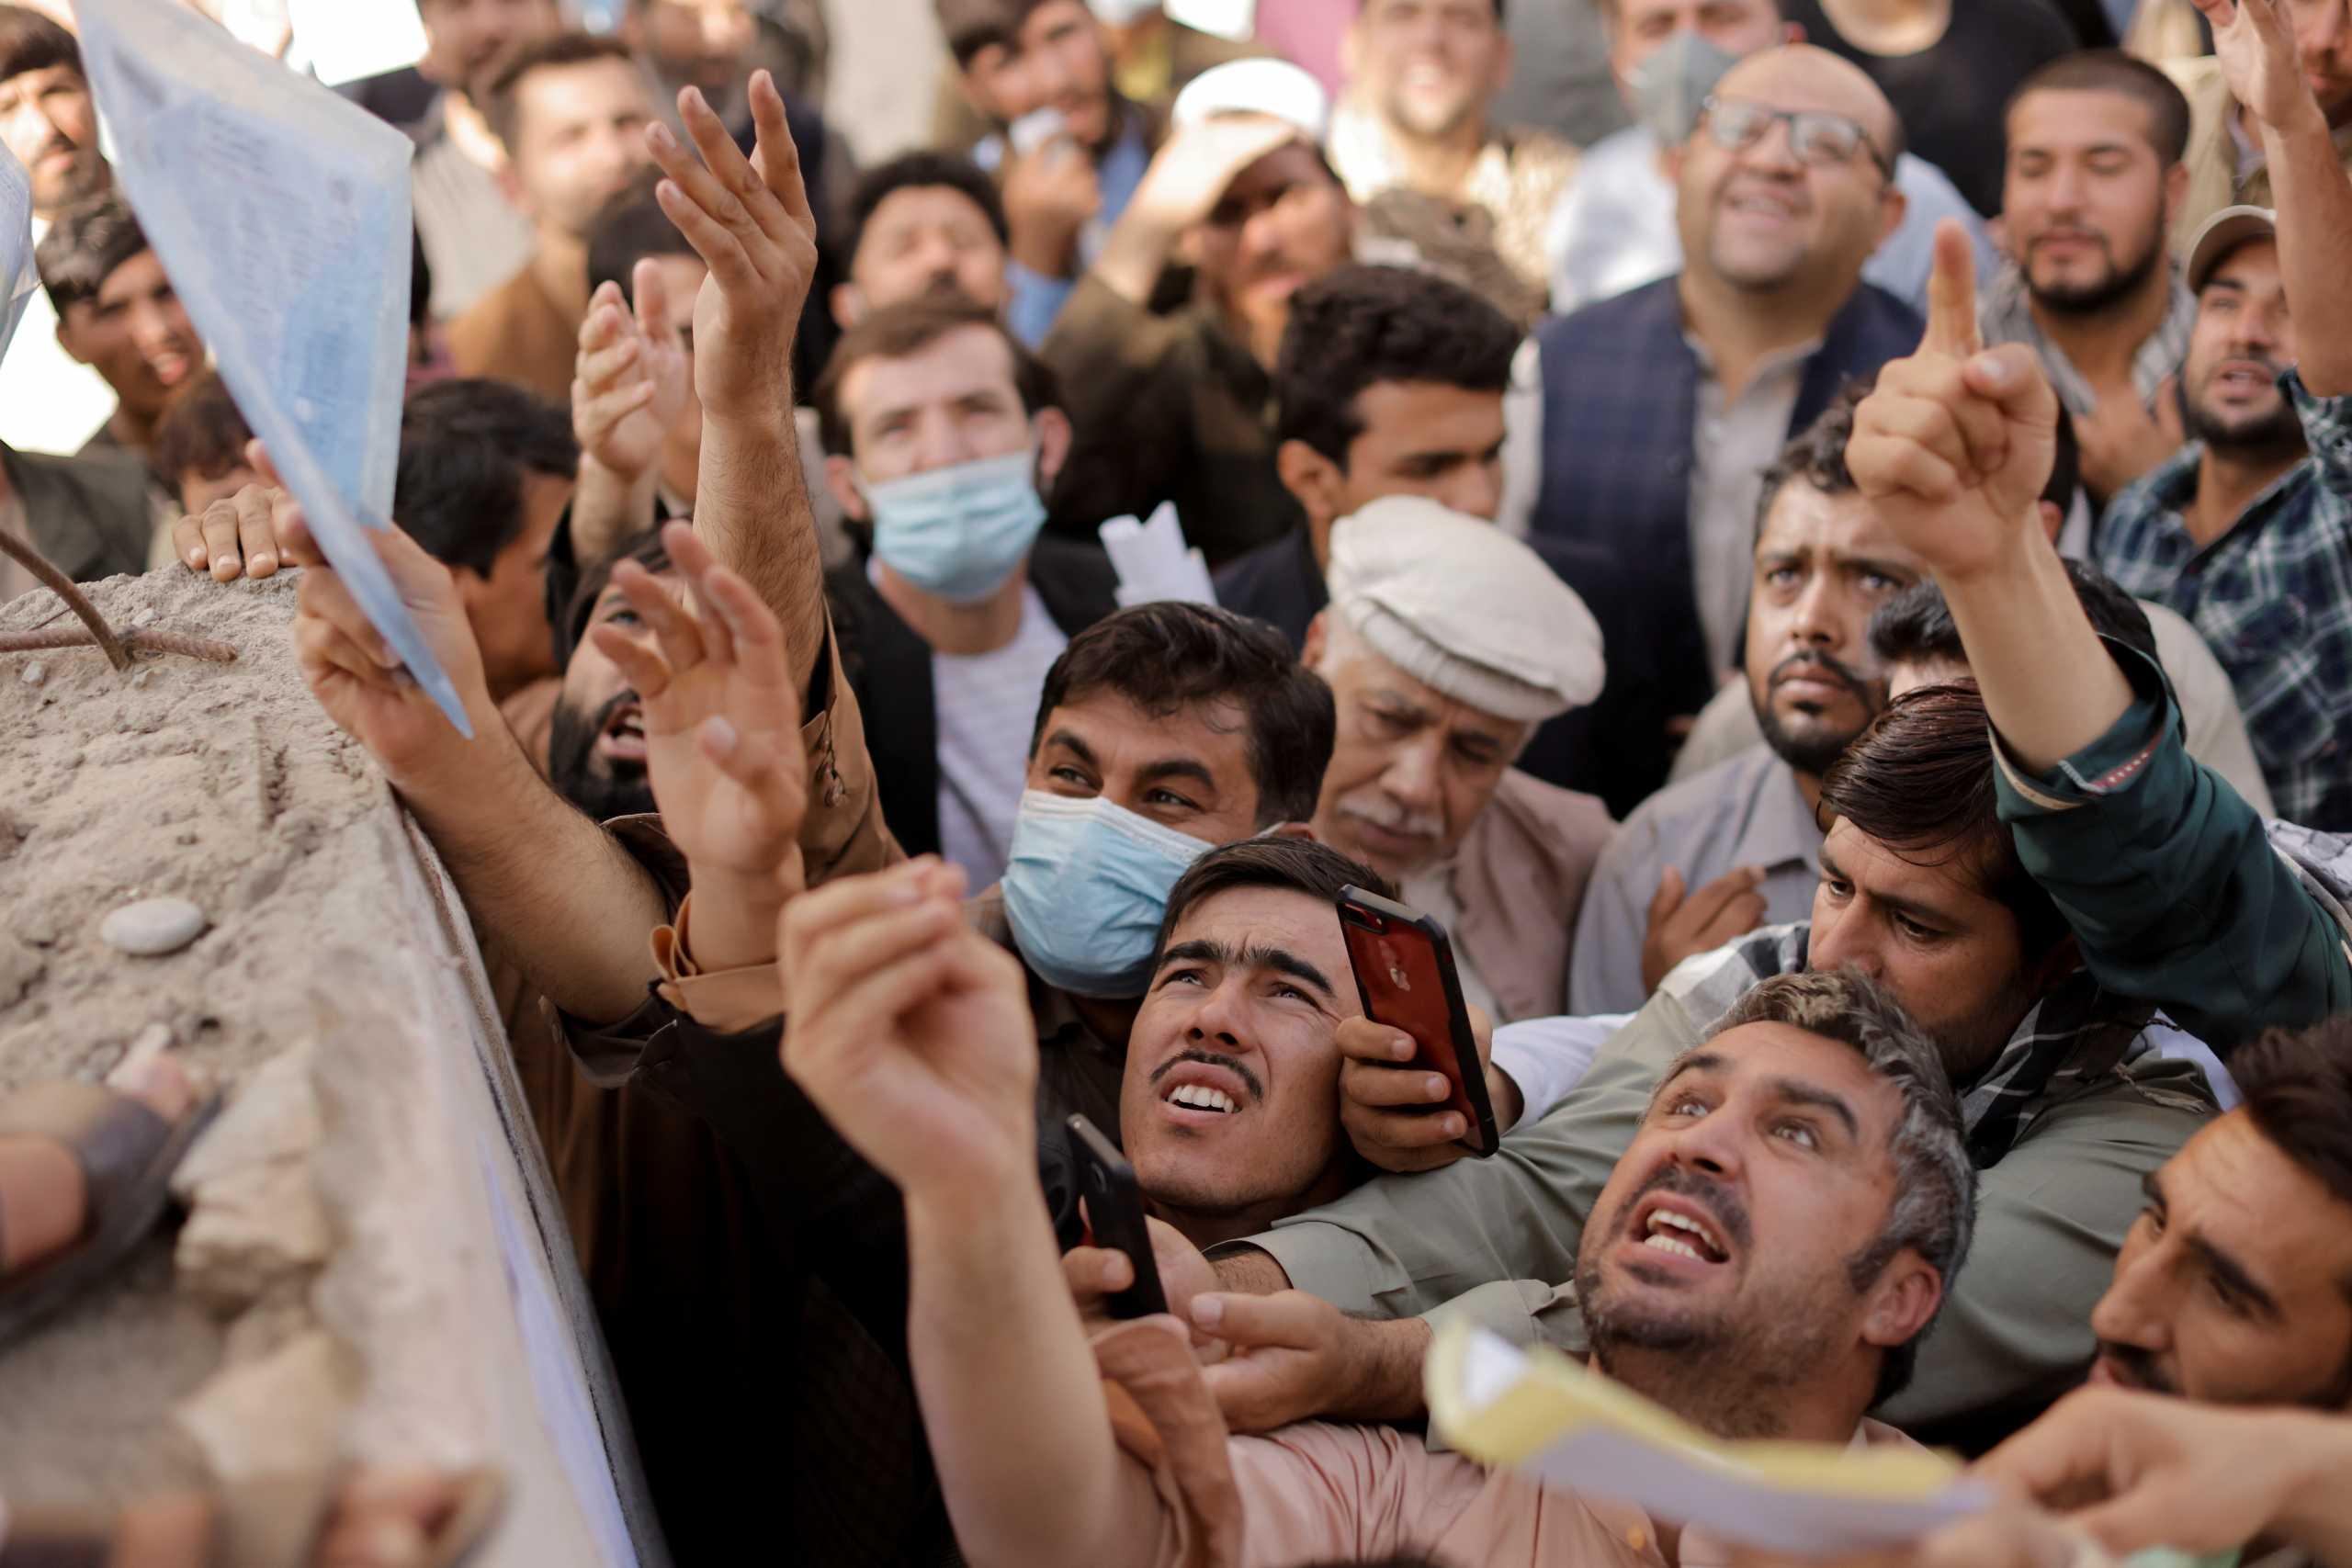 Αφγανιστάν: Σκηνές χάους στην Καμπούλ – Έσπευσαν να βγάλουν διαβατήριο και τελικά έφαγαν ξύλο